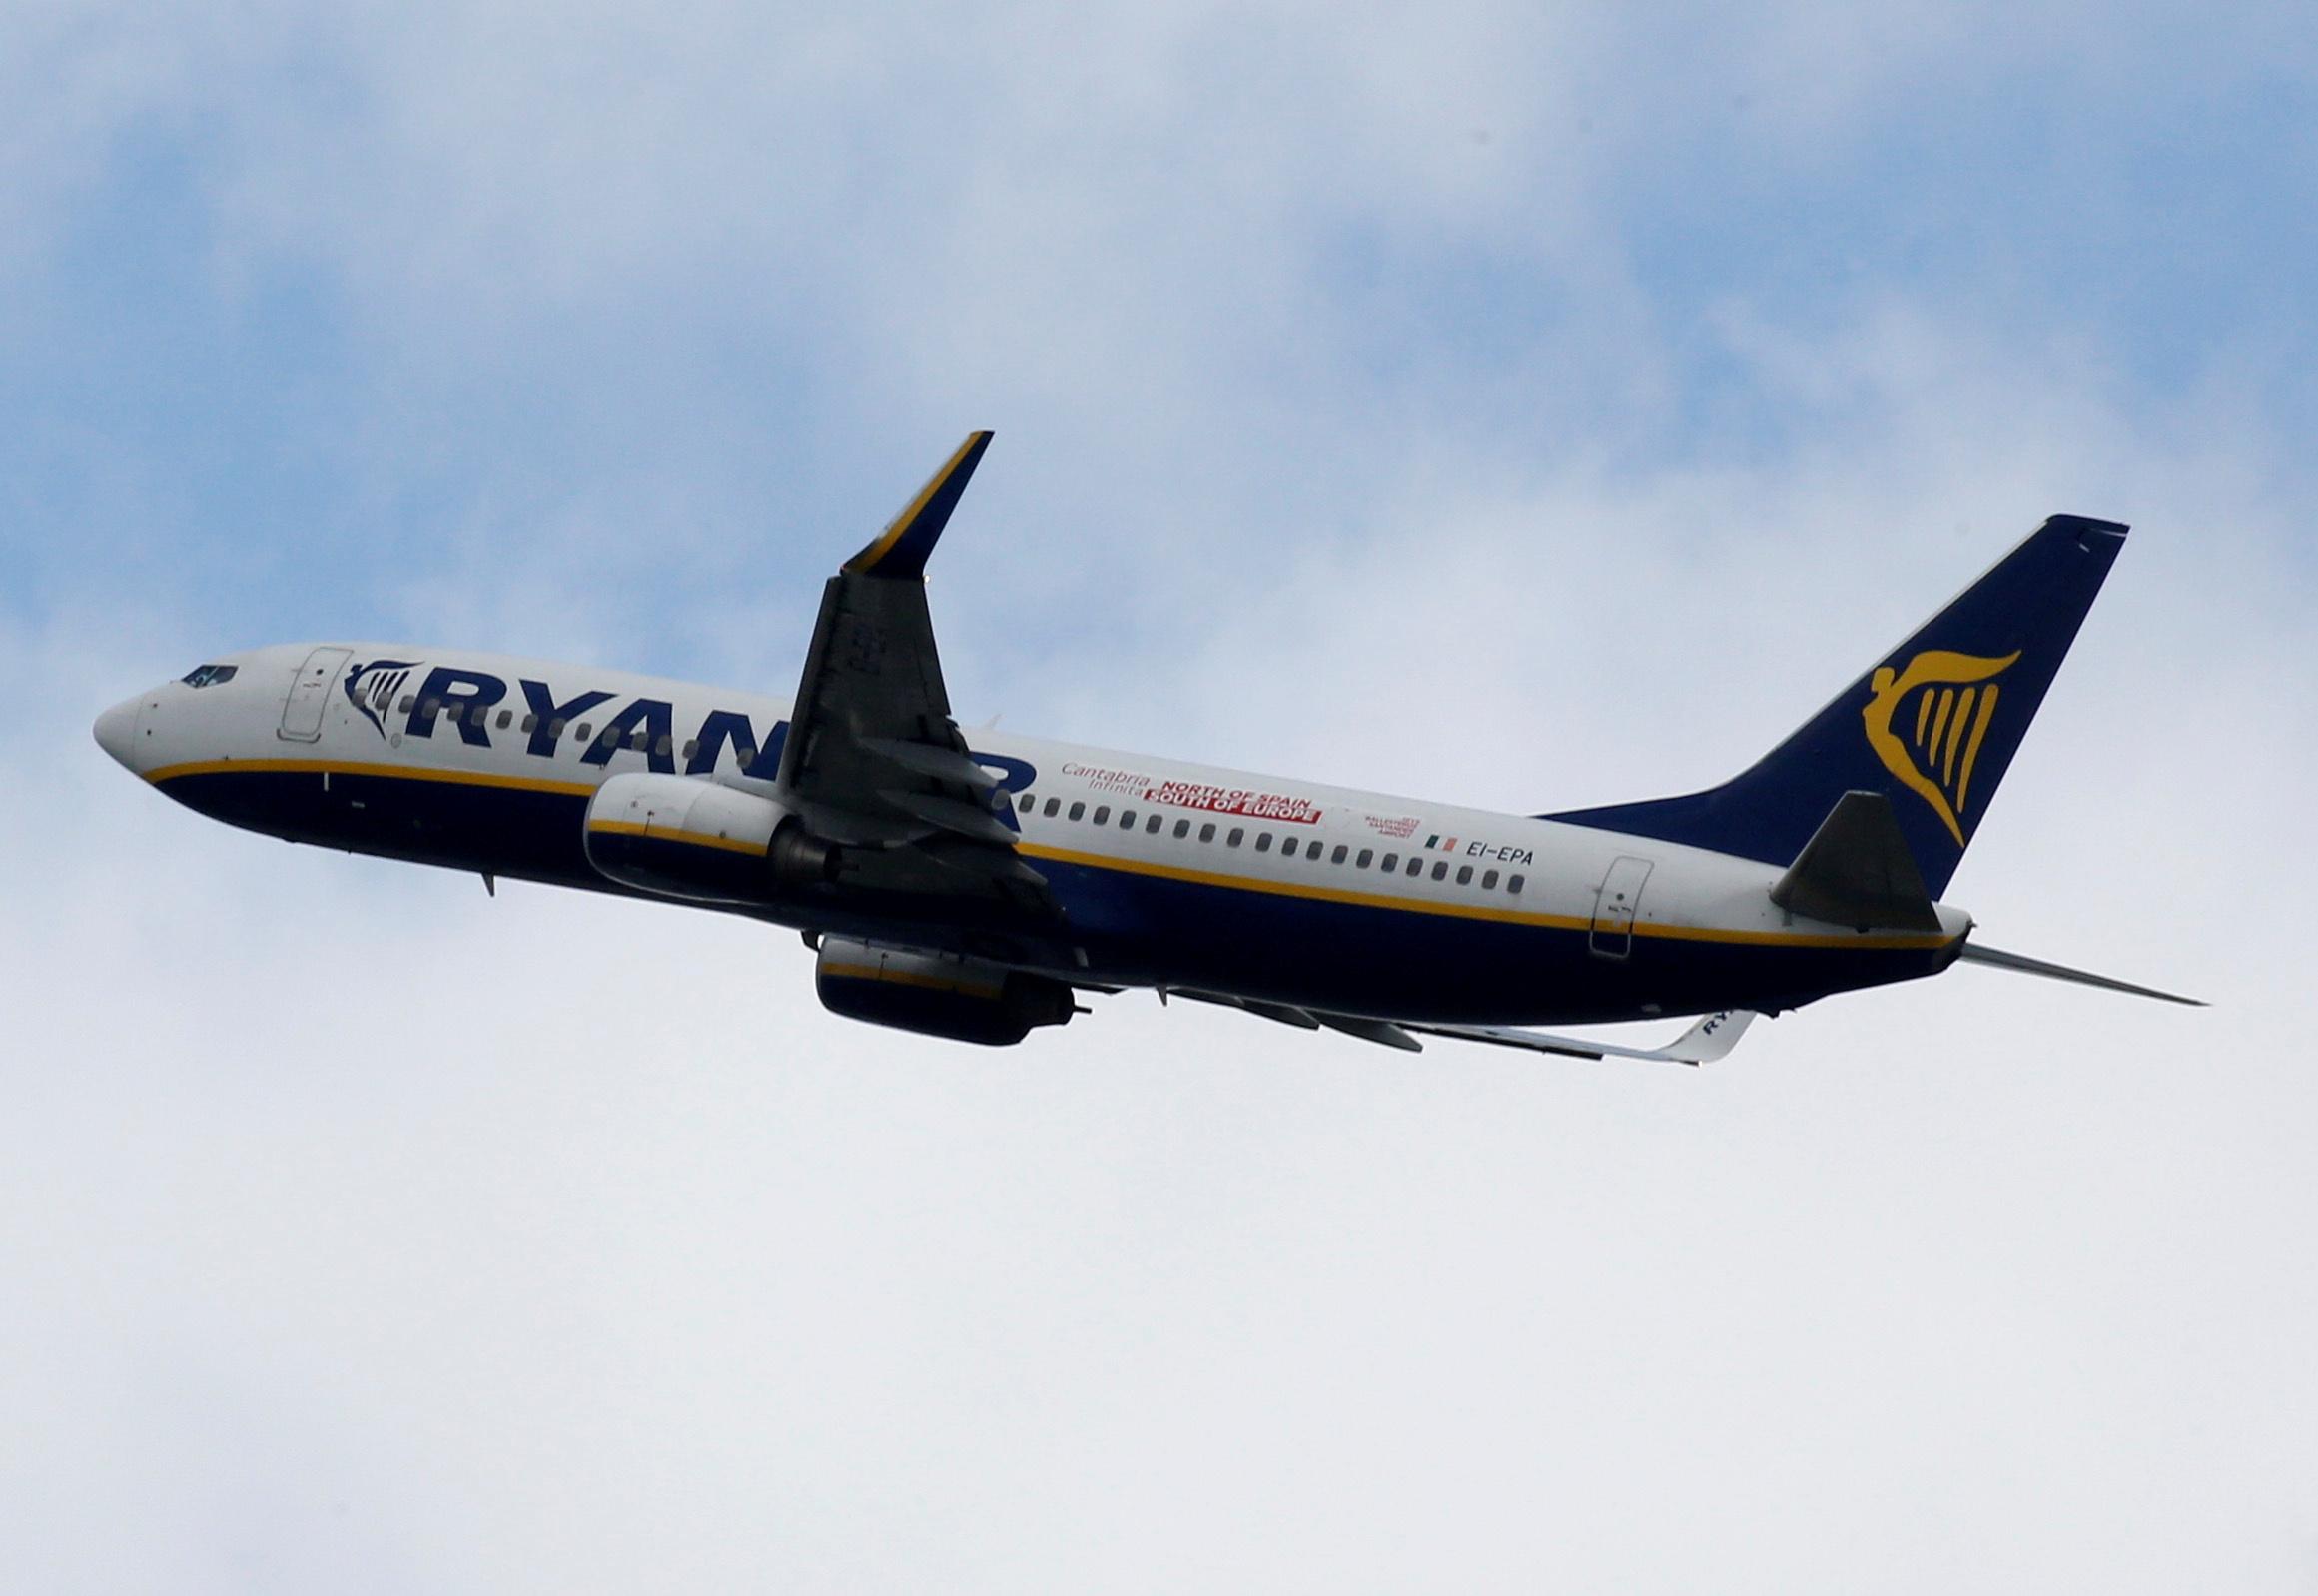 Θρίλερ με πτήση της Ryanair: Αναγκαστική προσγείωση μετά από προειδοποίηση για βόμβα